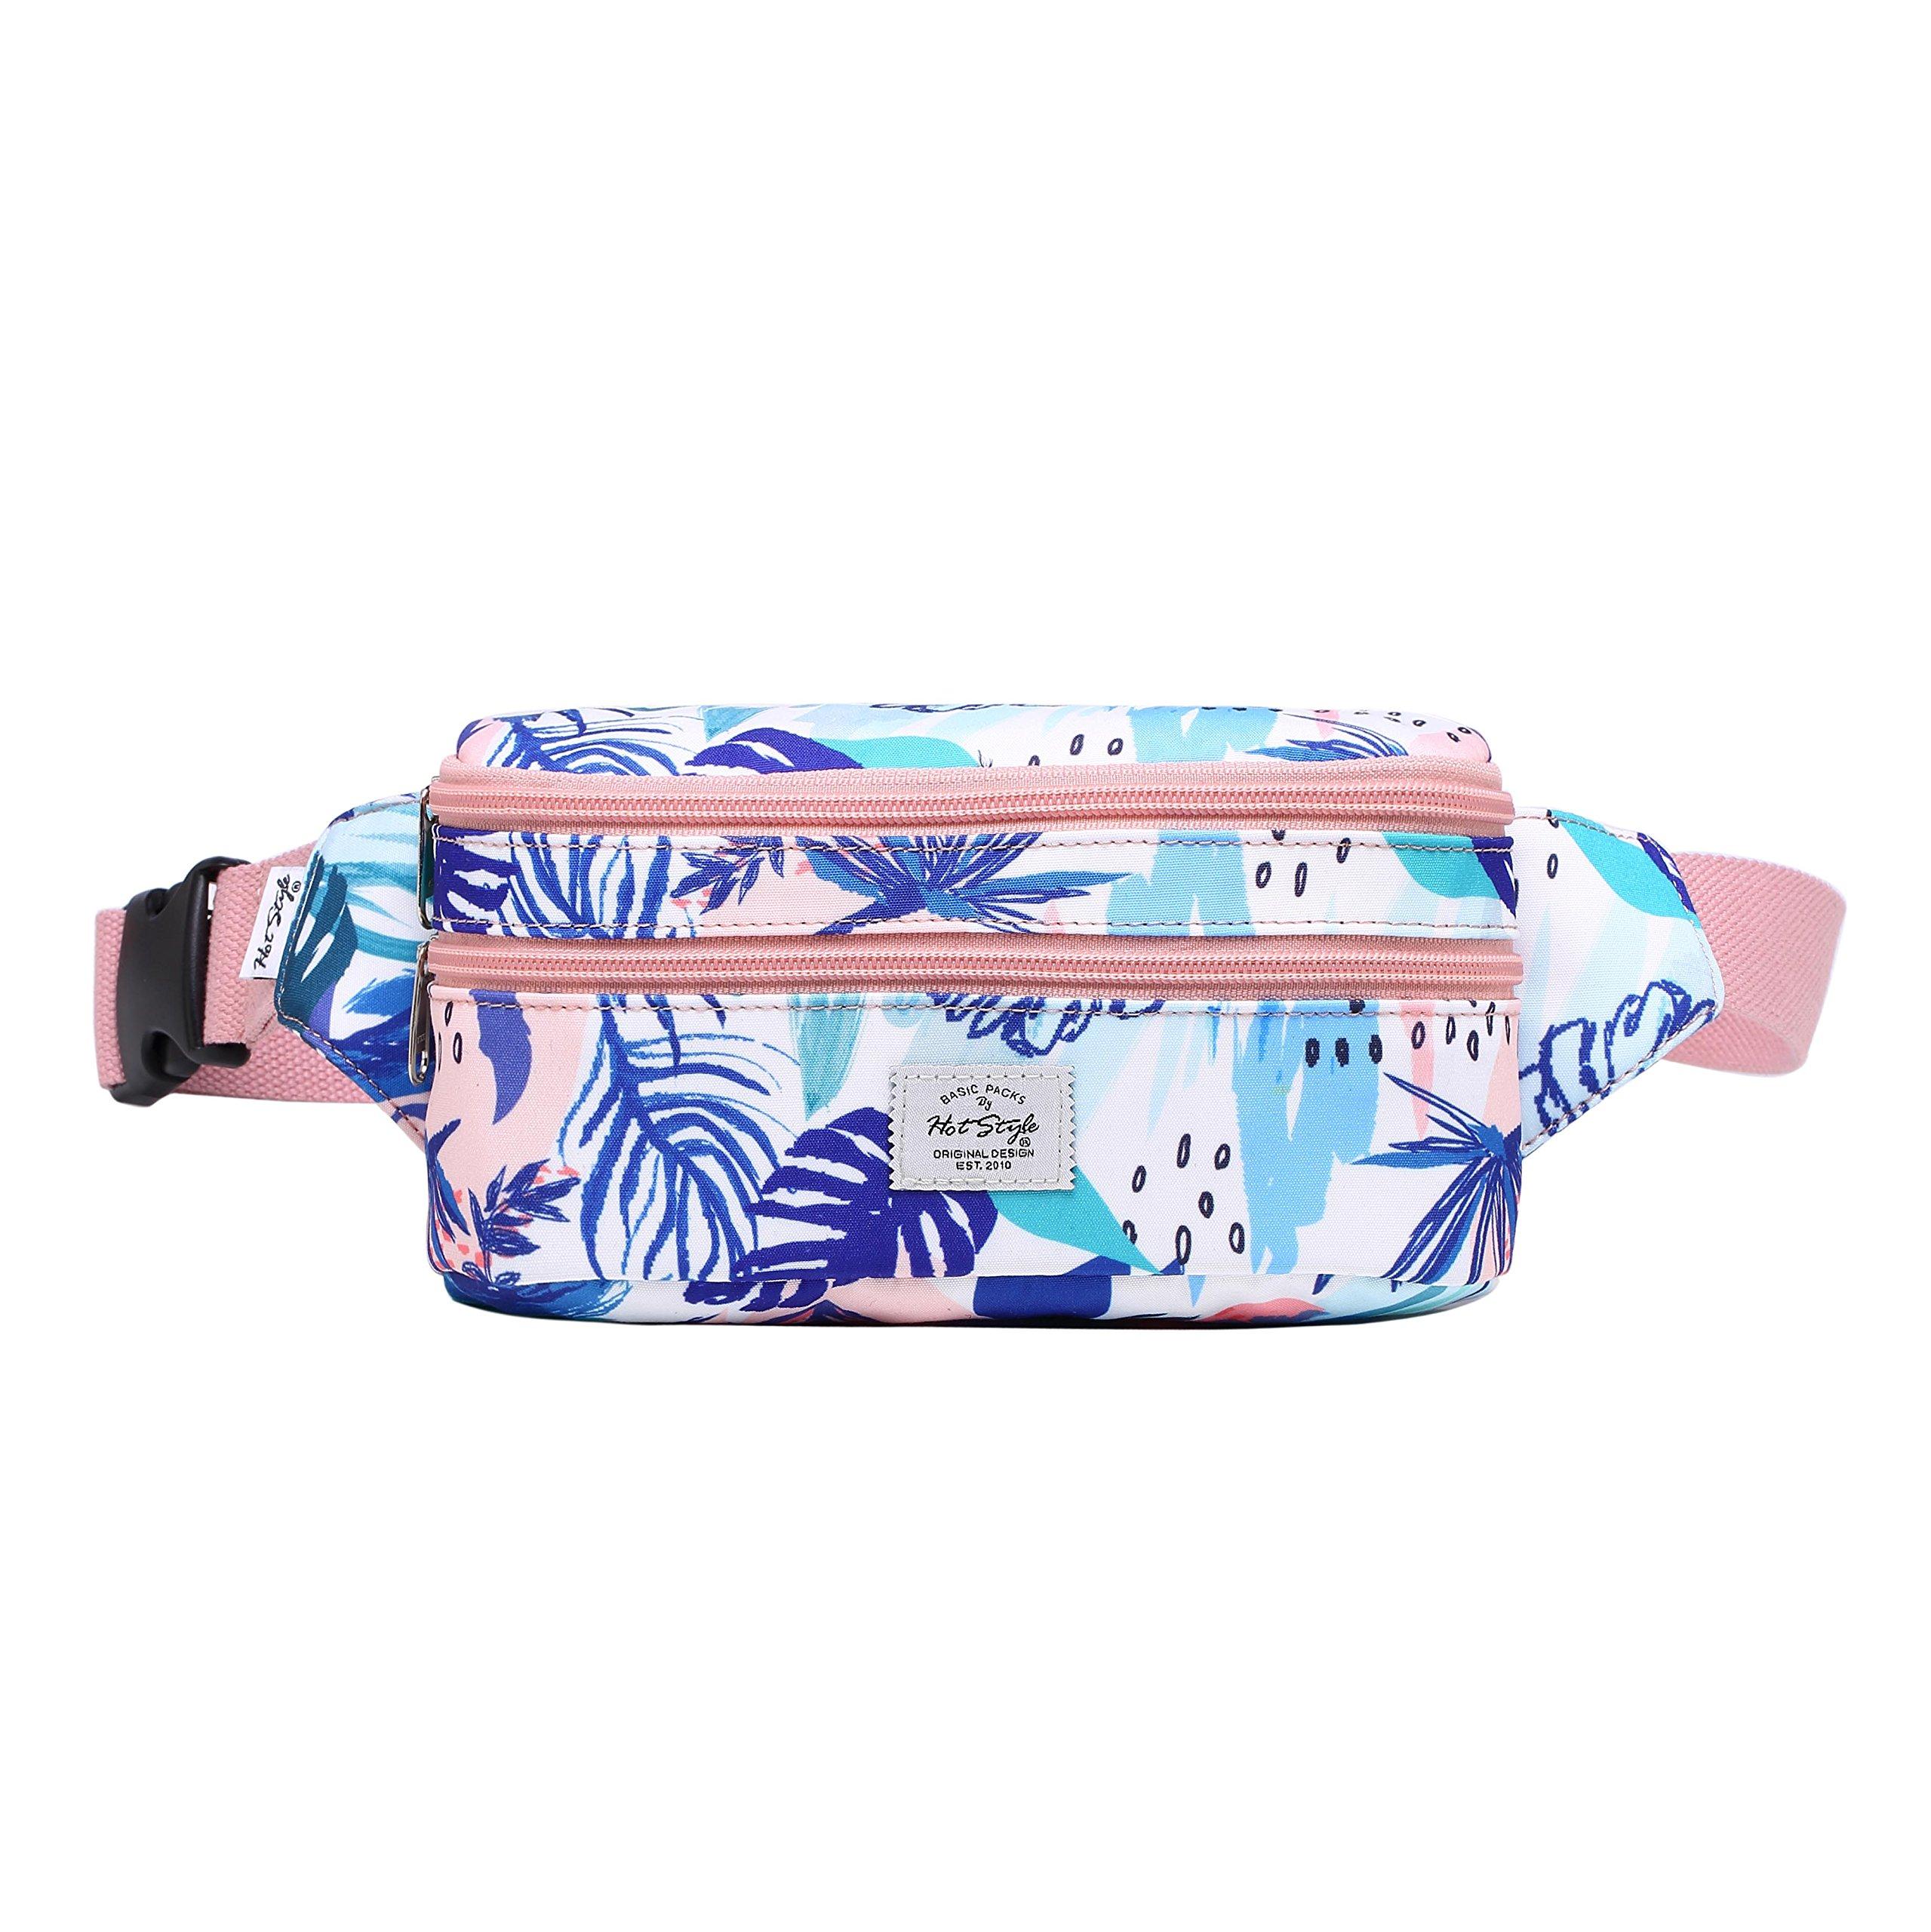 521s Fashion Waist Bag Cute Fanny Pack   8.0''x2.5''x4.3''   Pink Tropical